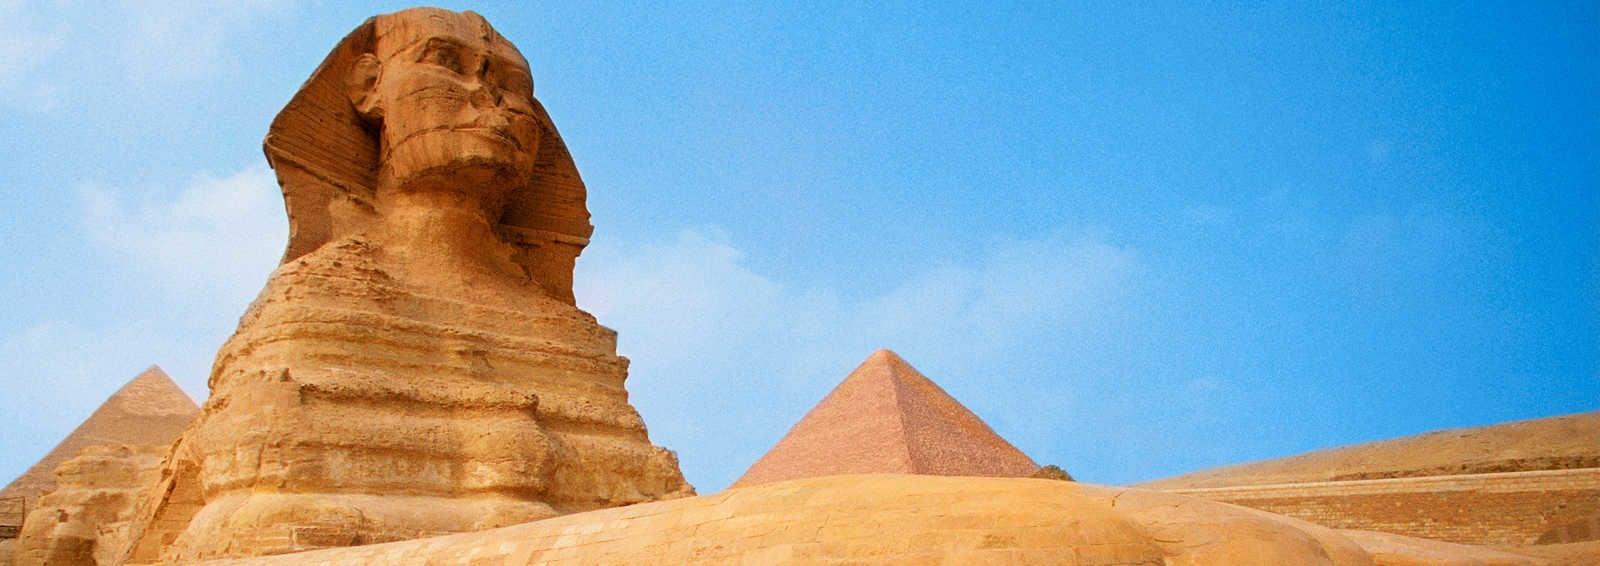 egypt trips egypt tours egypt holidays exodus